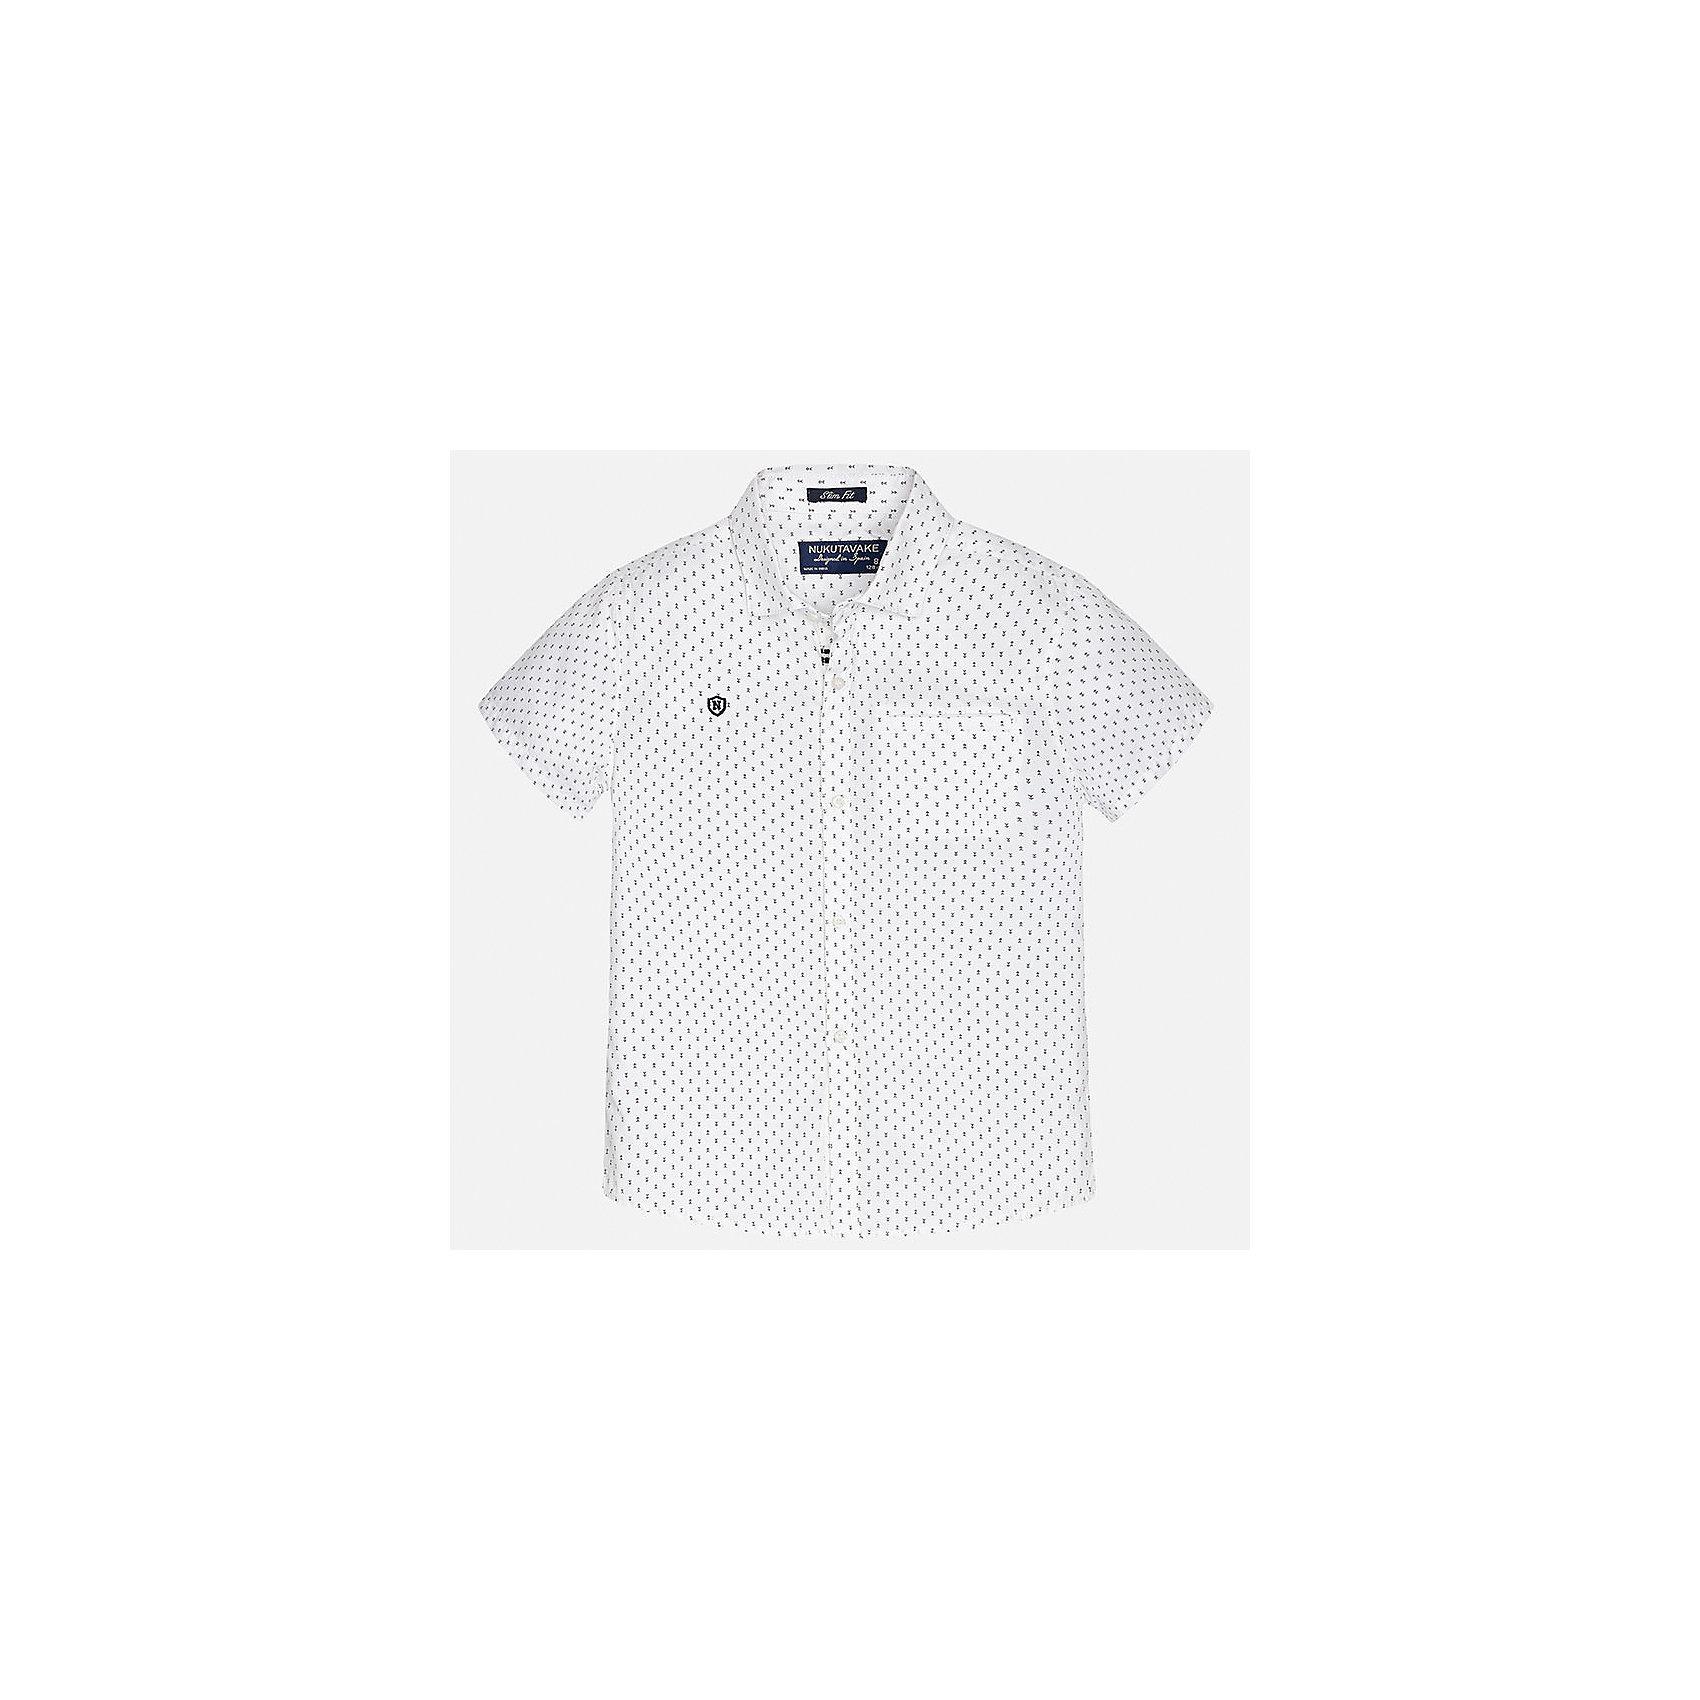 Рубашка для мальчика MayoralБлузки и рубашки<br>Характеристики товара:<br><br>• цвет: белый<br>• состав: 100% хлопок<br>• отложной воротник<br>• декорирована вышивкой и карманом на груди<br>• короткие рукава<br>• застежки: пуговицы<br>• страна бренда: Испания<br><br>Модная рубашка поможет разнообразить гардероб мальчика. Она отлично сочетается с брюками, шортами, джинсами. Универсальный крой и цвет позволяет подобрать к вещи низ разных расцветок. Практичное и стильное изделие! Хорошо смотрится и комфортно сидит на детях. В составе материала - только натуральный хлопок, гипоаллергенный, приятный на ощупь, дышащий. <br><br>Одежда, обувь и аксессуары от испанского бренда Mayoral полюбились детям и взрослым по всему миру. Модели этой марки - стильные и удобные. Для их производства используются только безопасные, качественные материалы и фурнитура. Порадуйте ребенка модными и красивыми вещами от Mayoral! <br><br>Рубашку для мальчика от испанского бренда Mayoral (Майорал) можно купить в нашем интернет-магазине.<br><br>Ширина мм: 174<br>Глубина мм: 10<br>Высота мм: 169<br>Вес г: 157<br>Цвет: белый<br>Возраст от месяцев: 144<br>Возраст до месяцев: 156<br>Пол: Мужской<br>Возраст: Детский<br>Размер: 164,128/134,140,158,170,152<br>SKU: 5281575